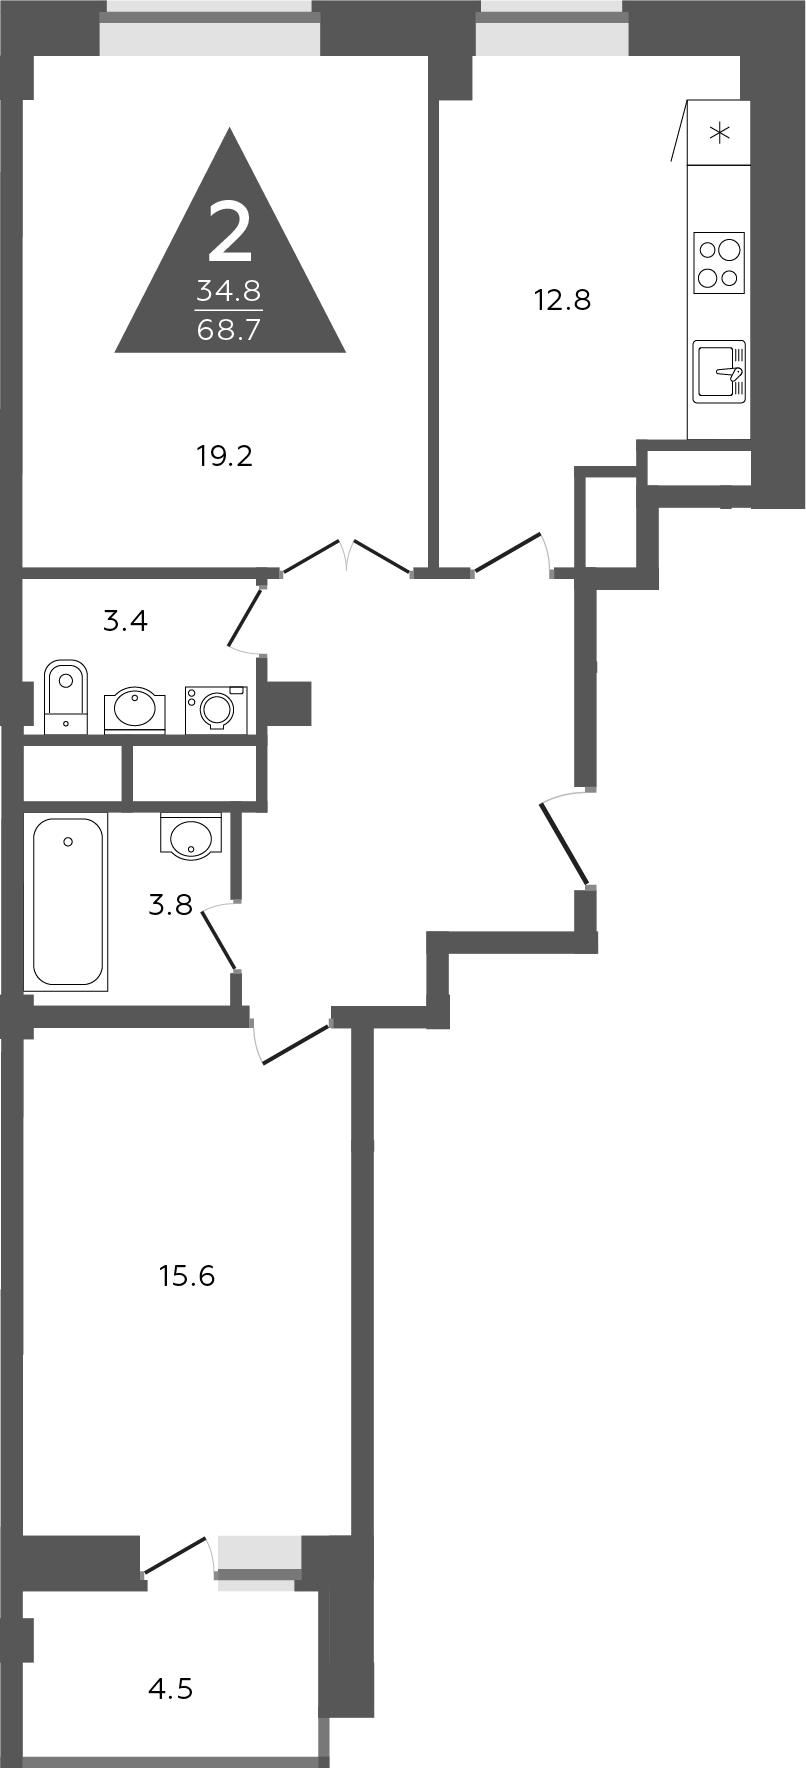 2-комнатная, 68.7 м²– 2